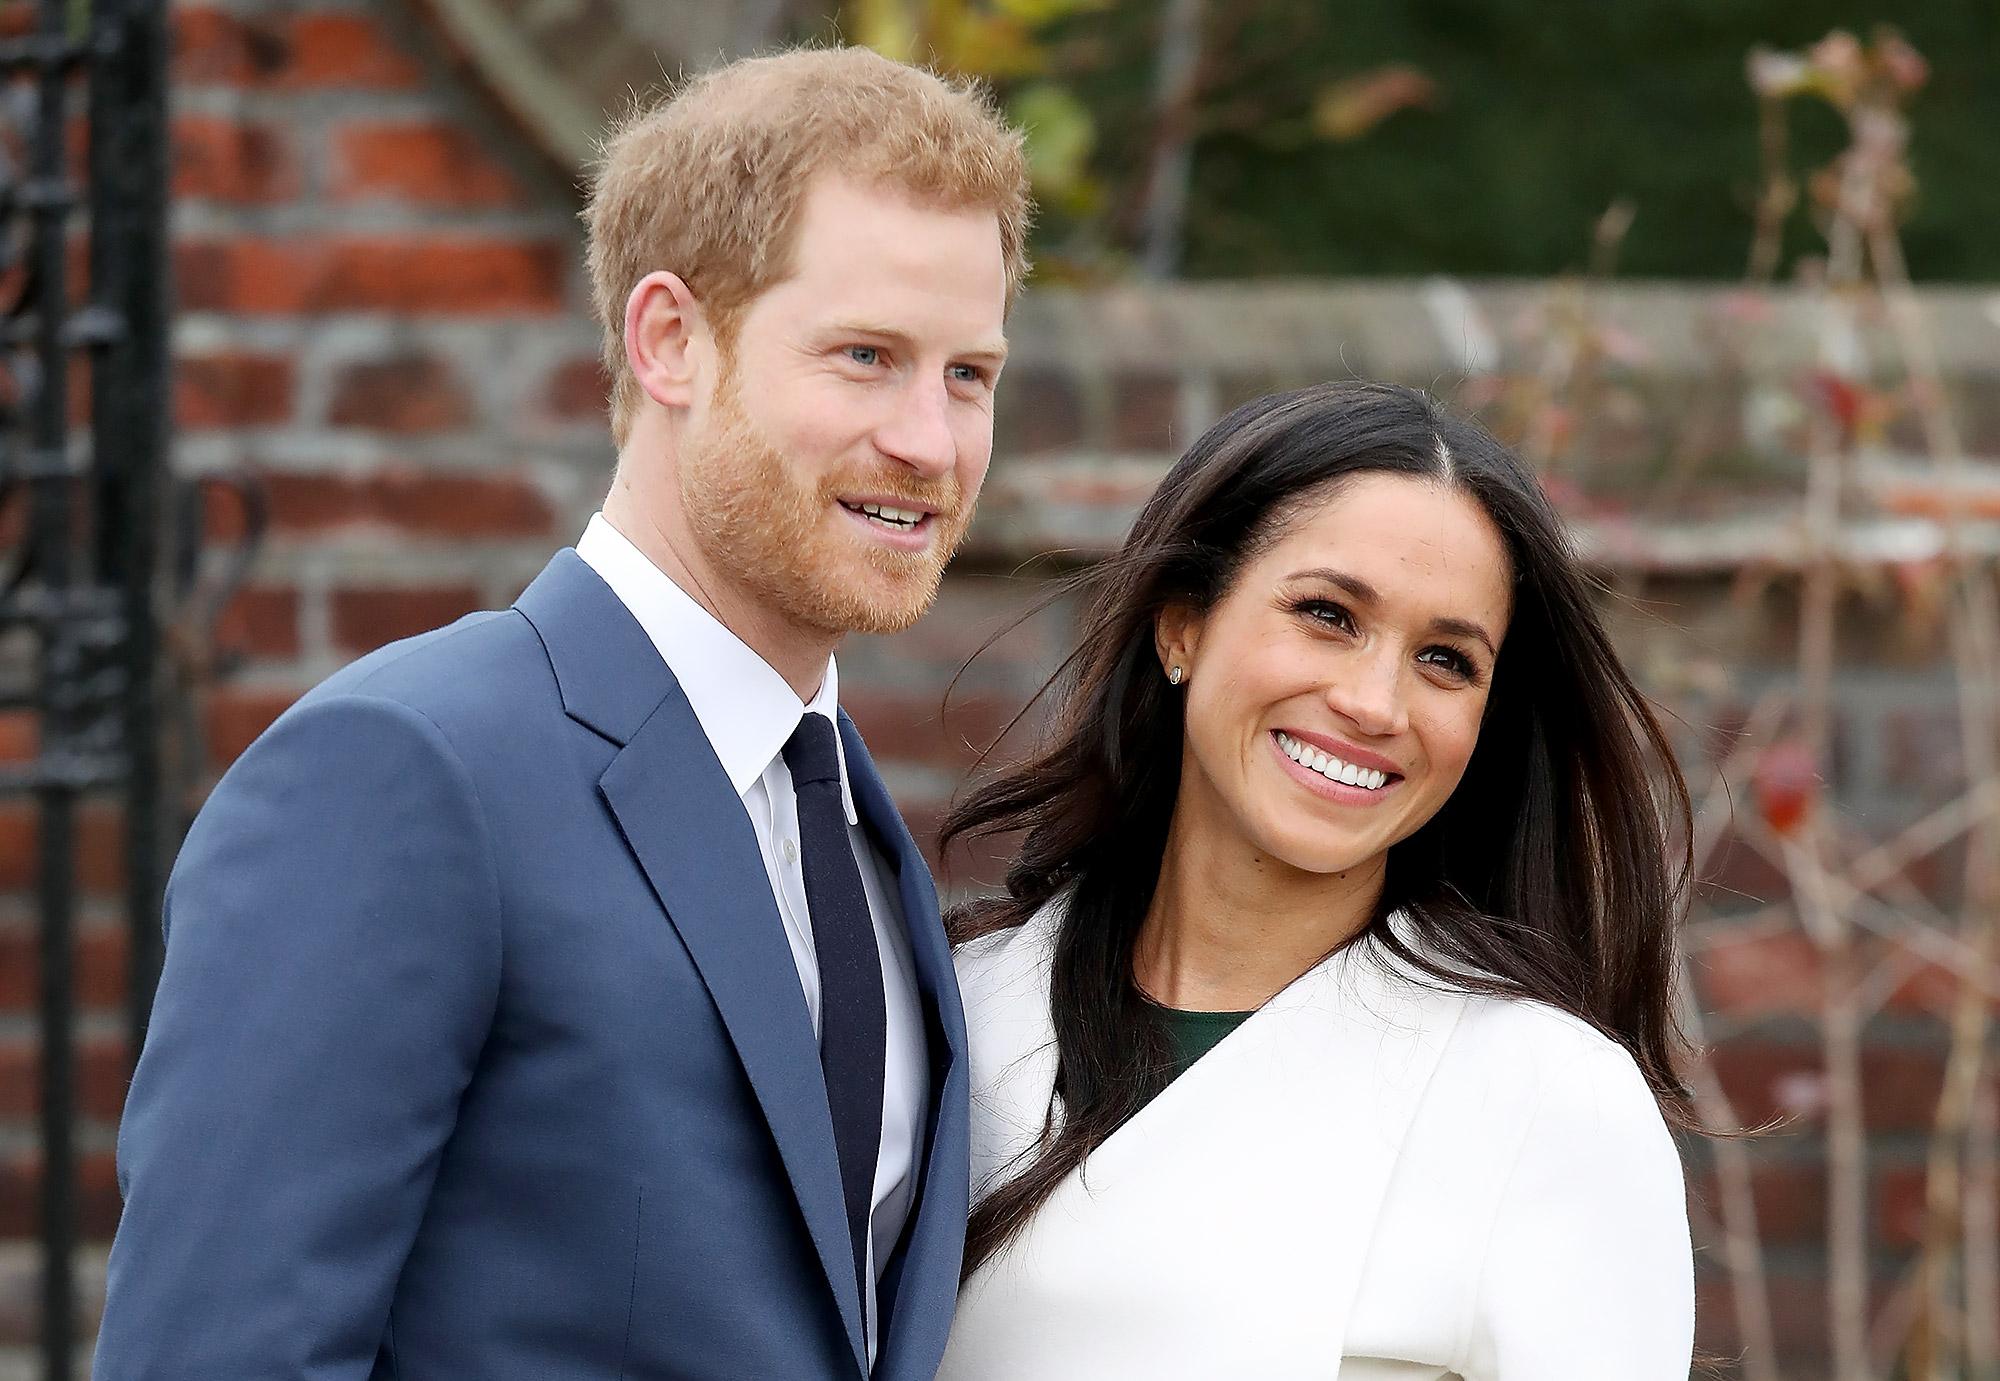 ¿Quién cantará en la boda del príncipe Harry y Meghan Markle?